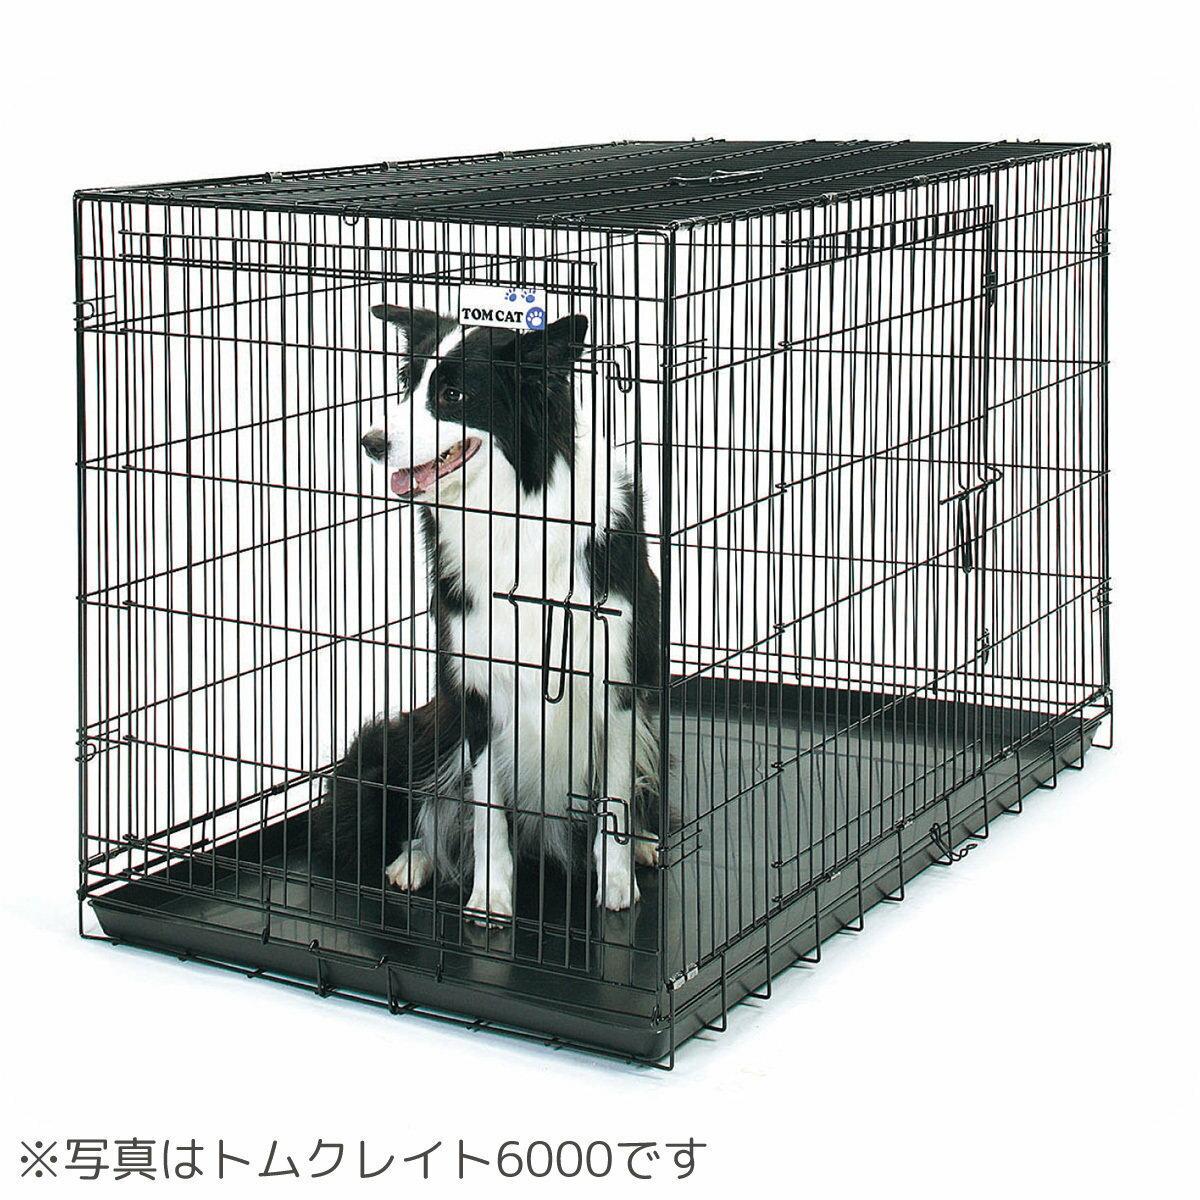 トムキャット トムクレイト5000【送料無料】